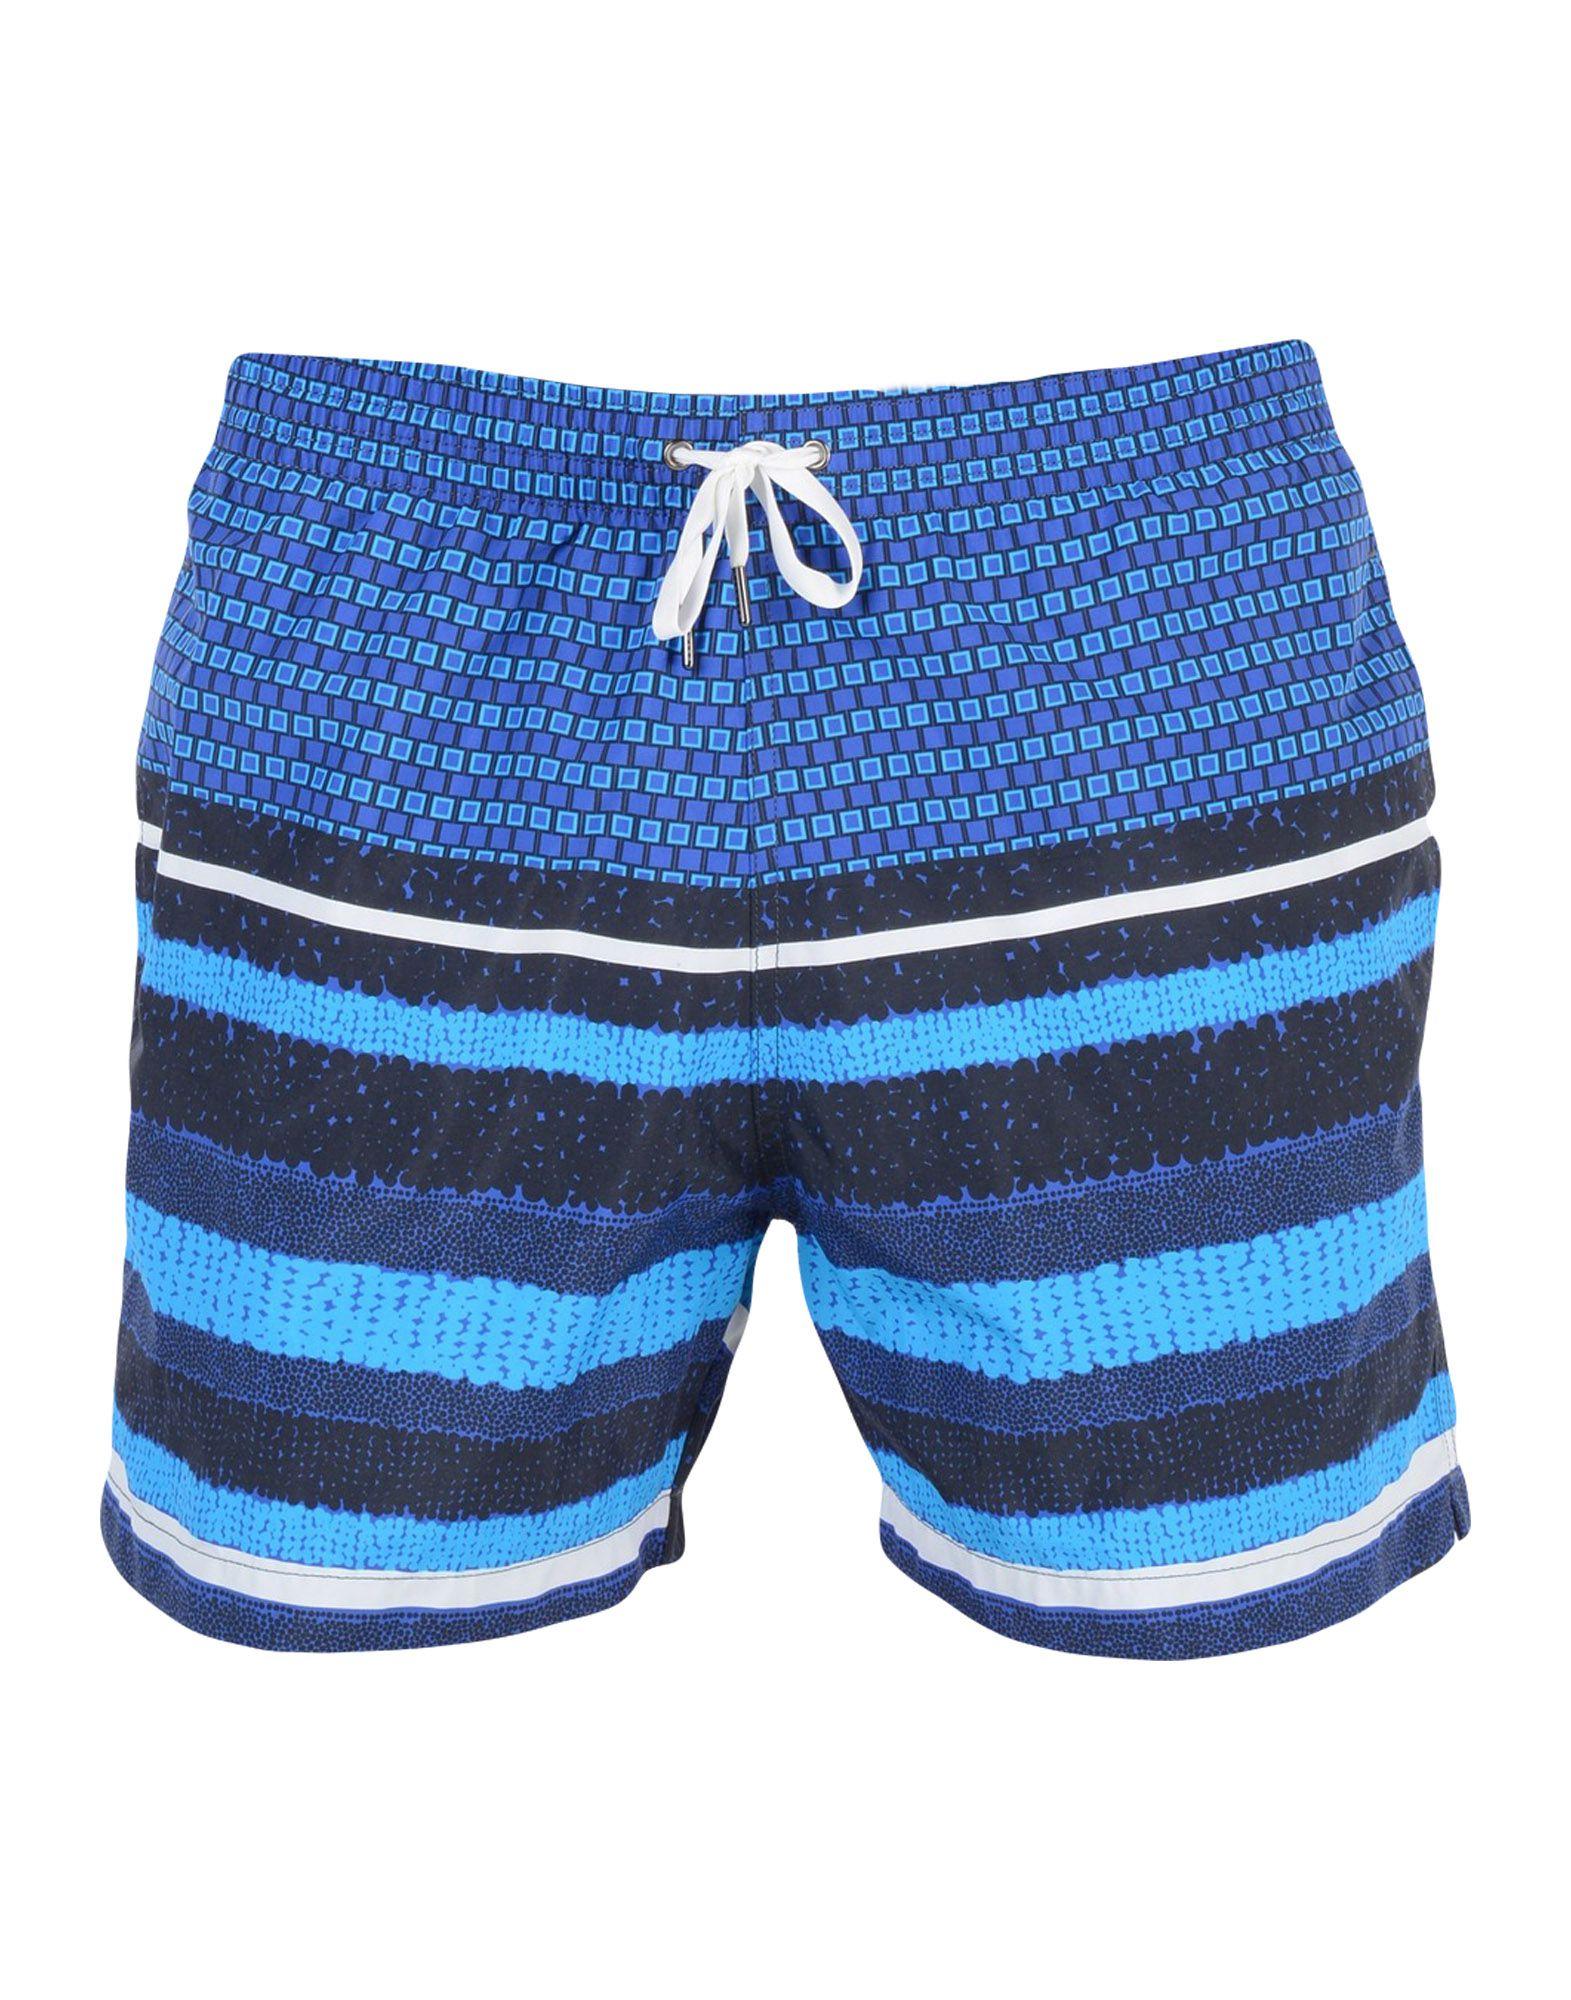 DAN WARD Swim Trunks in Blue